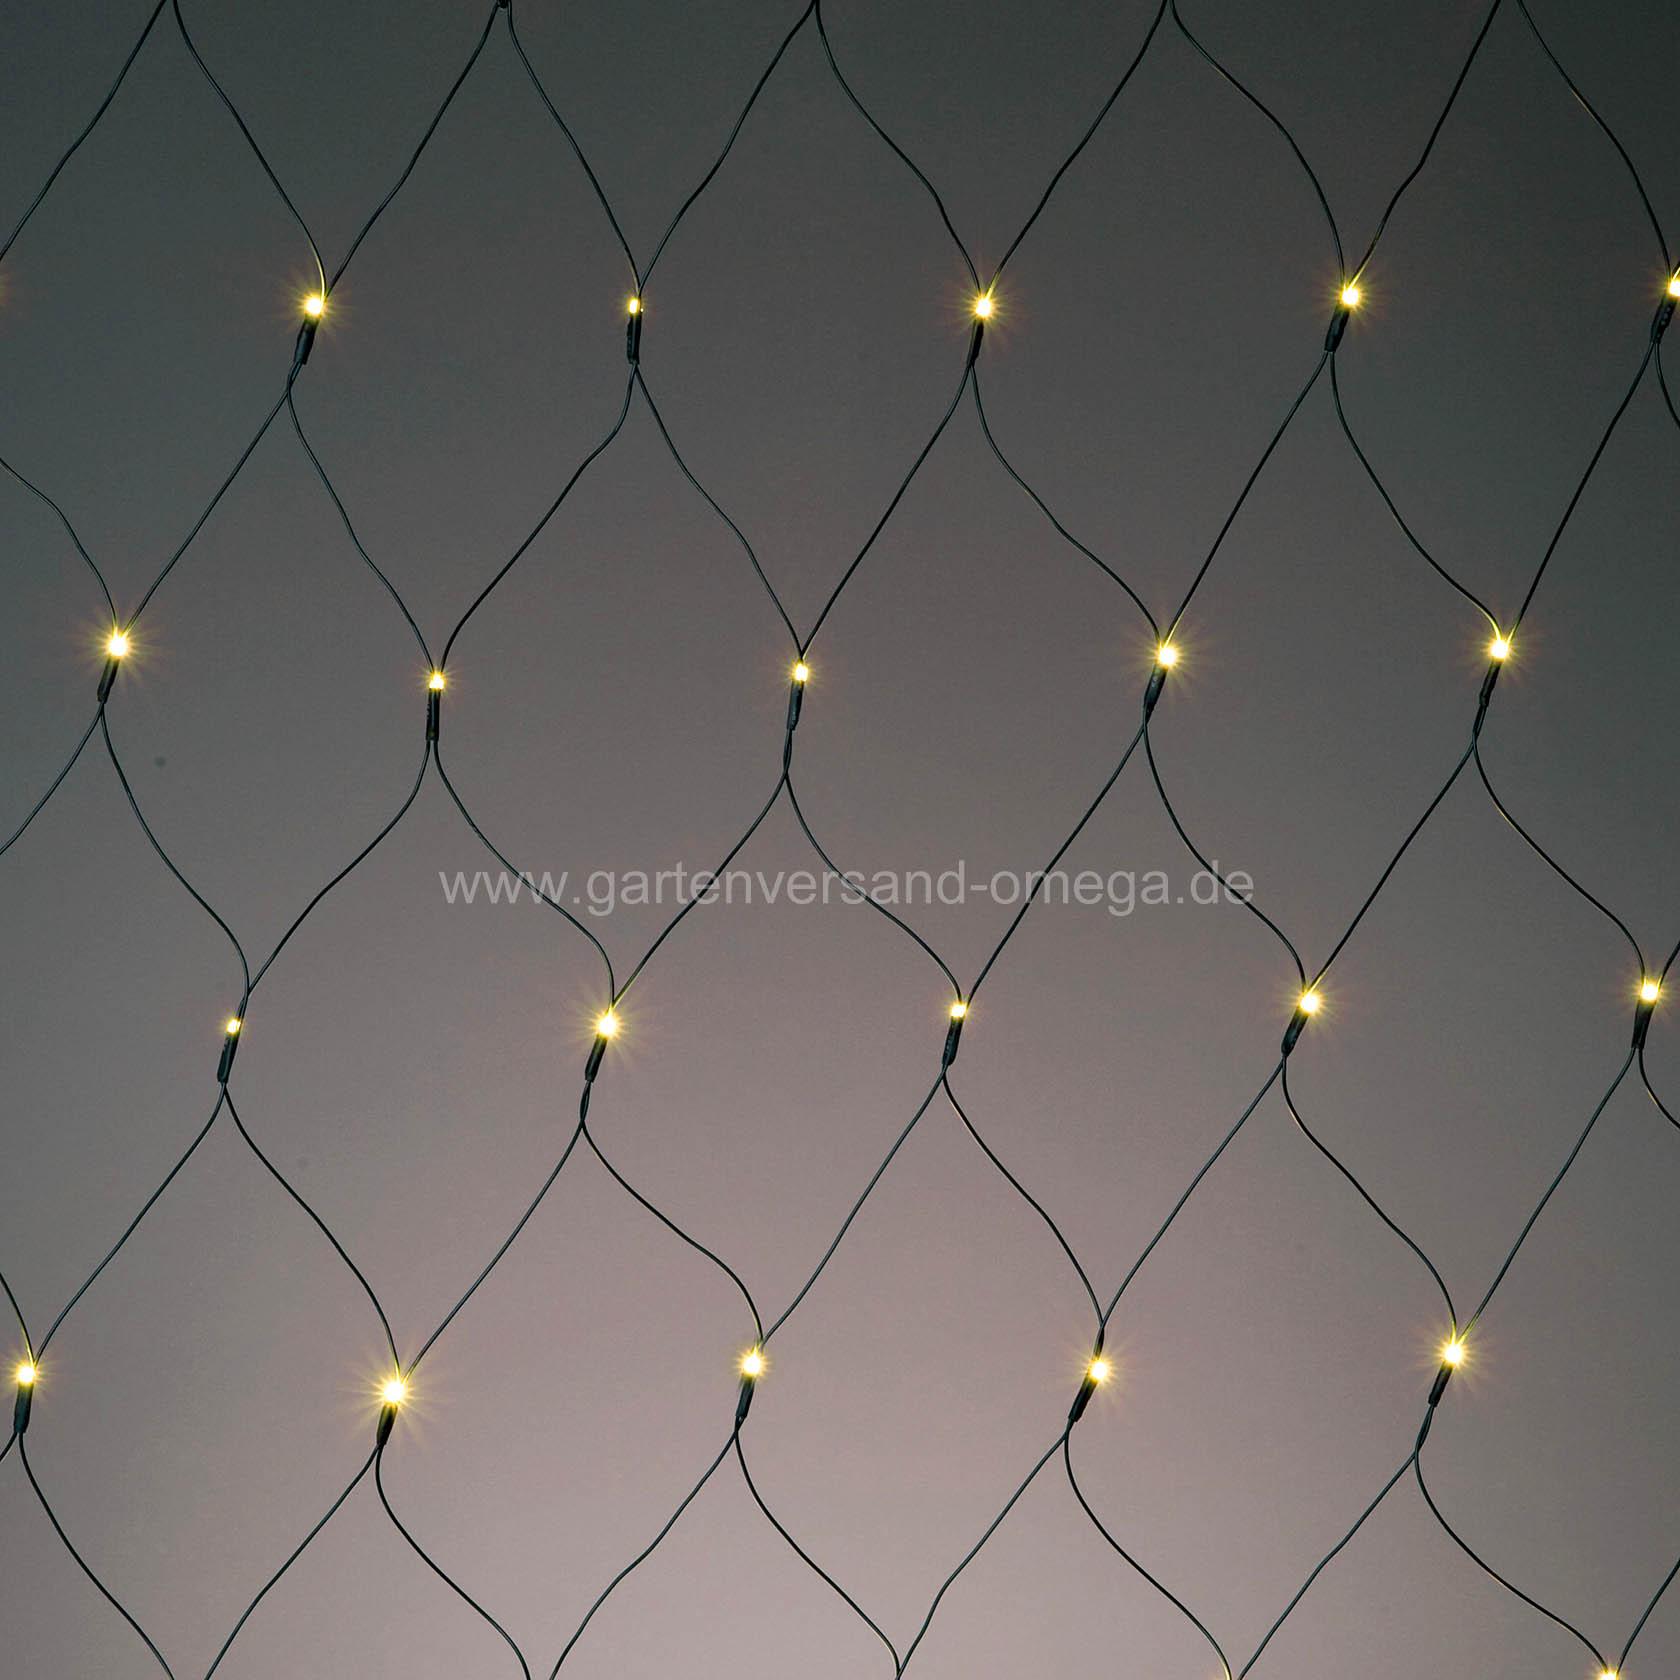 Led lichtnetz energiesparendes lichternetz led lichternetz led weihnachtsbeleuchtung f r - Fensterbeleuchtung innen ...